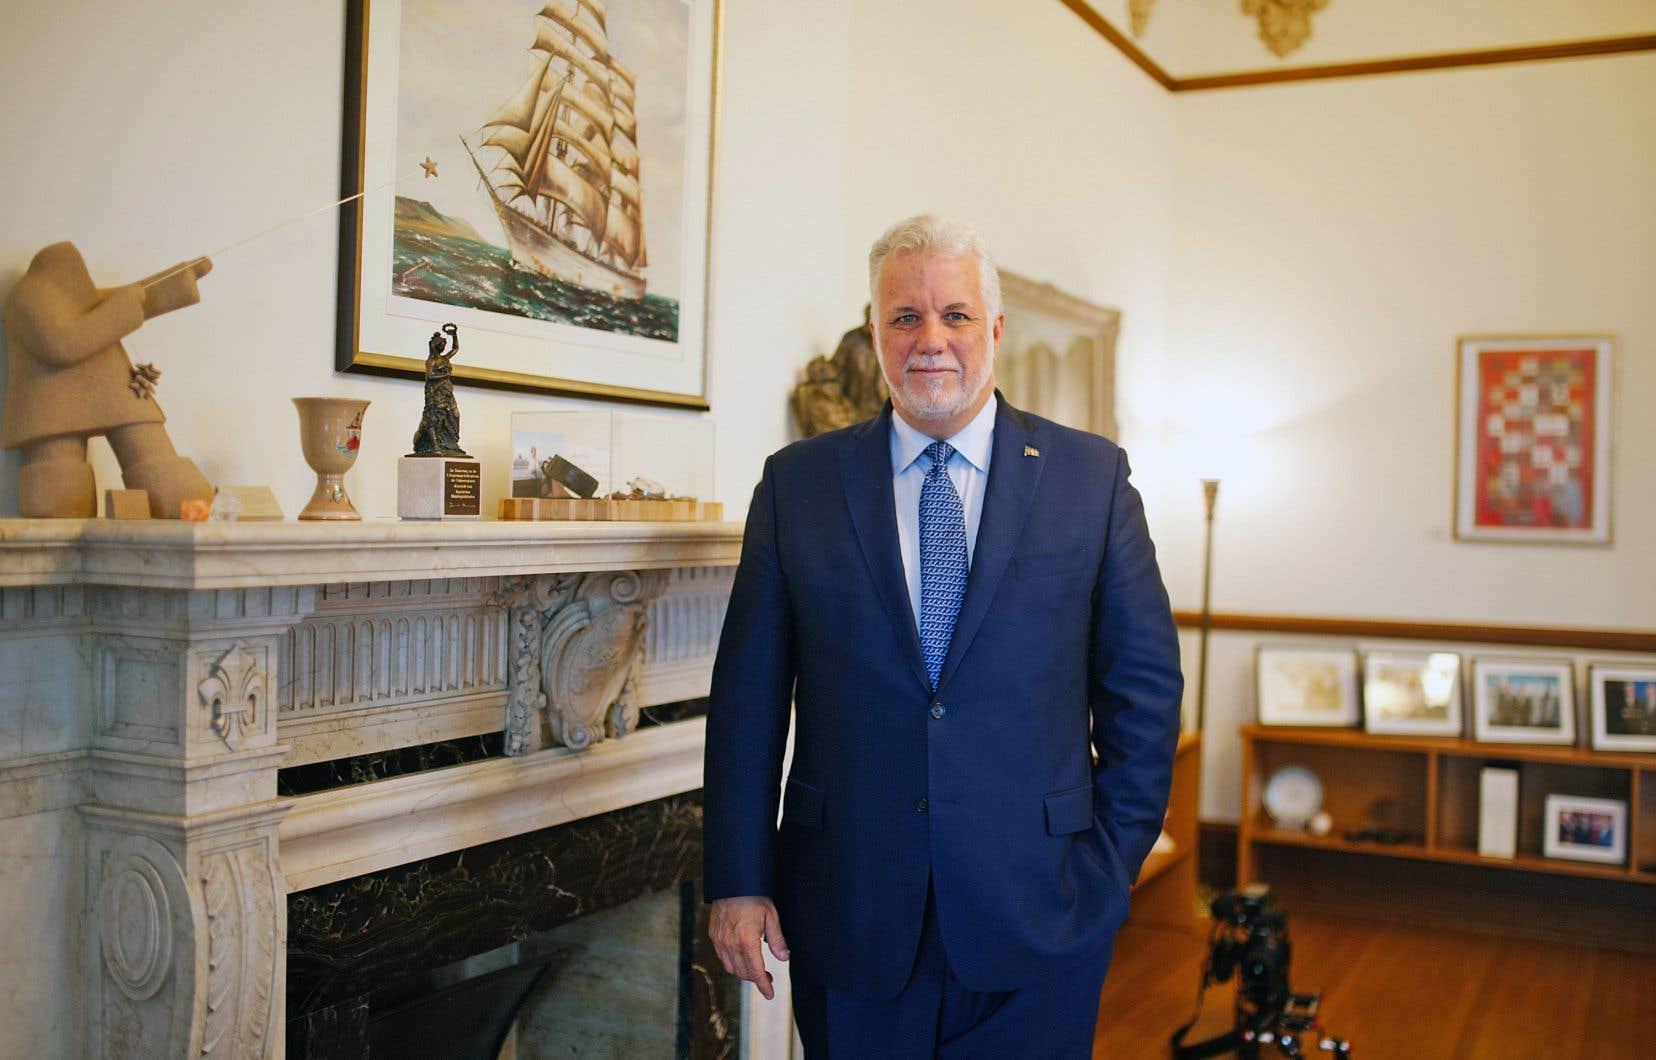 «Il y a toujours de la houle lorsqu'on gouverne. Ce n'est pas un fleuve tranquille», a dit le premier ministre, expliquant la présence d'un tableau représentant un voilier sur les murs de son bureau de l'édifice Honoré-Mercier.